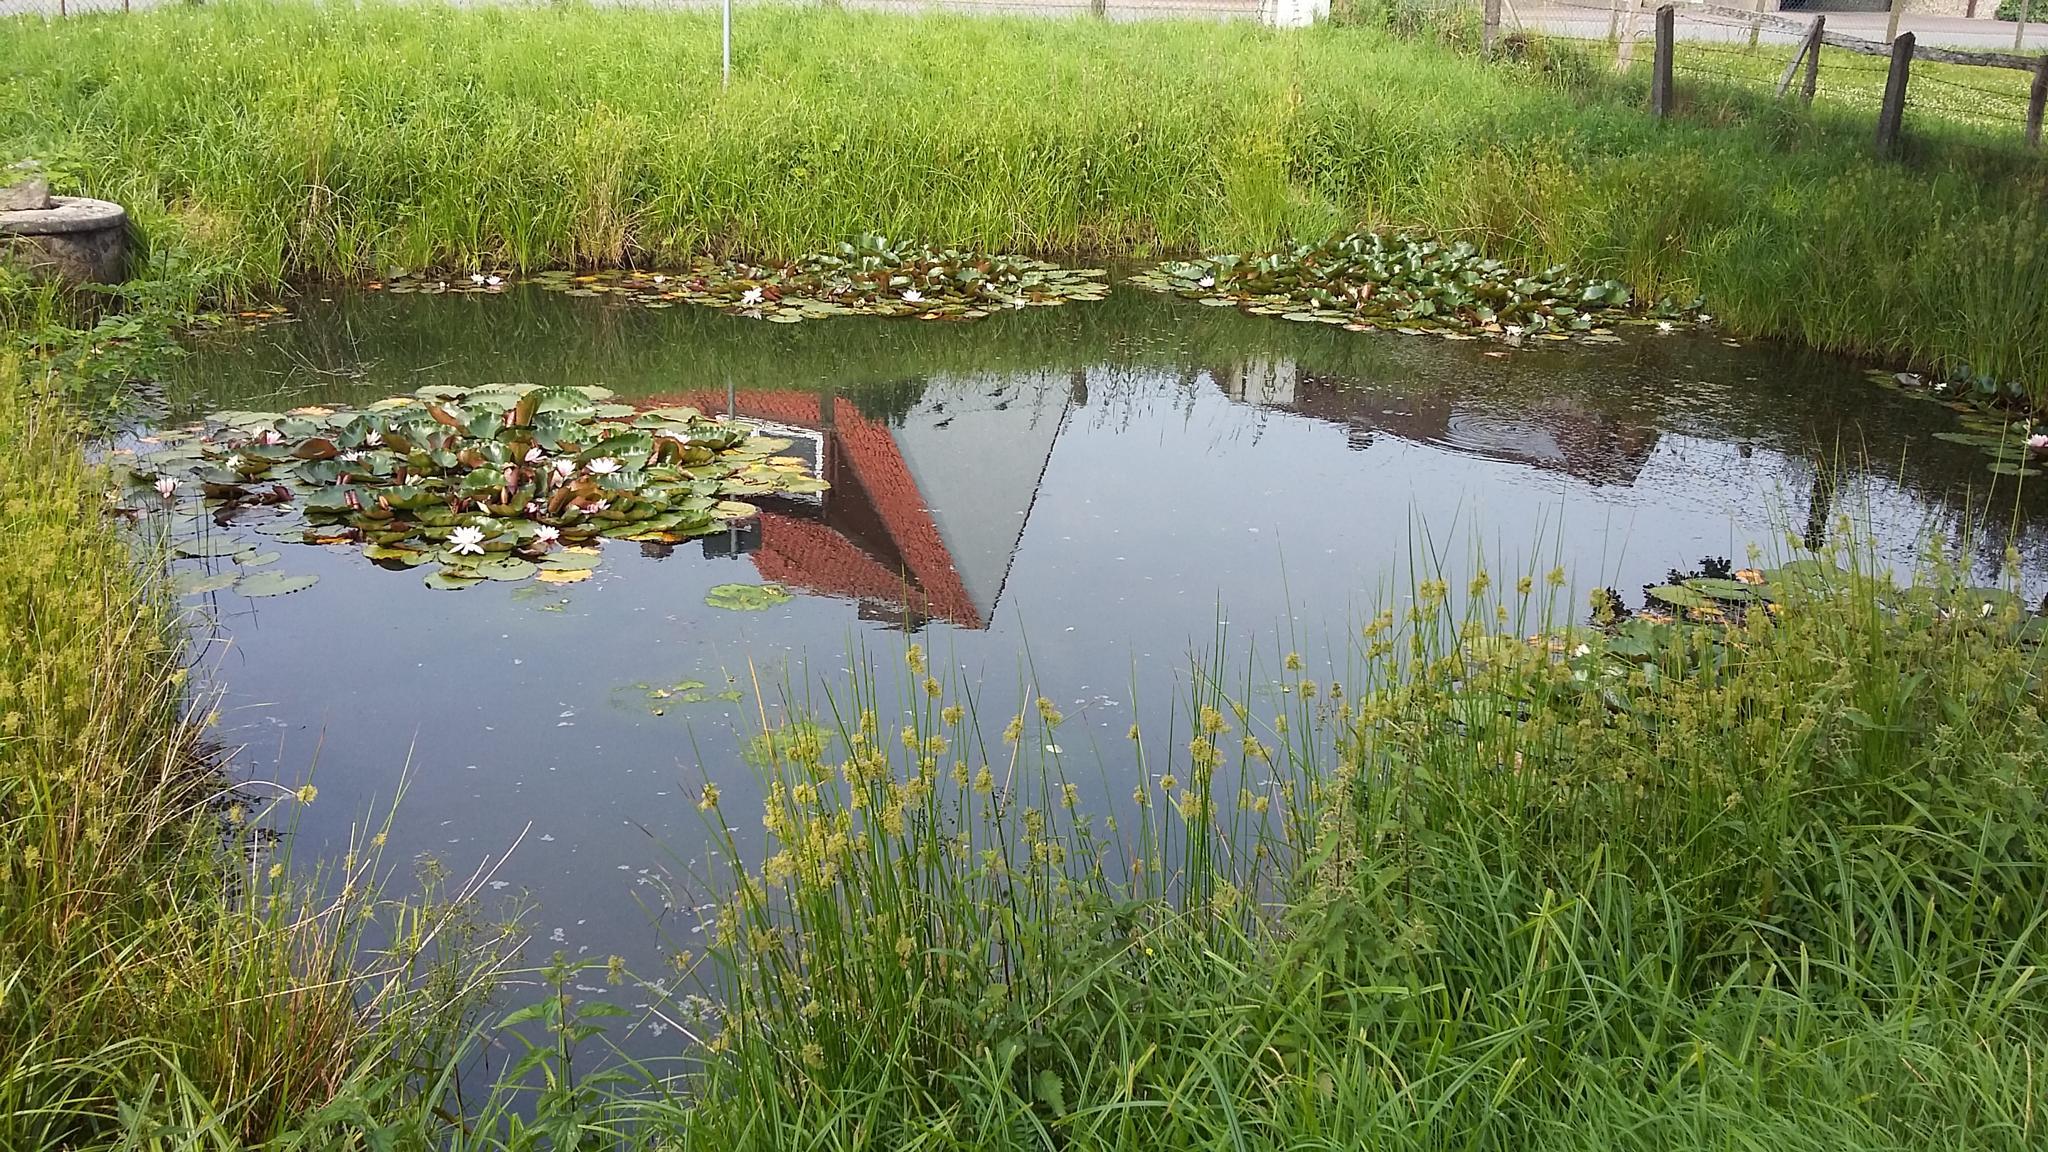 Fire pond by Norbert Reiss